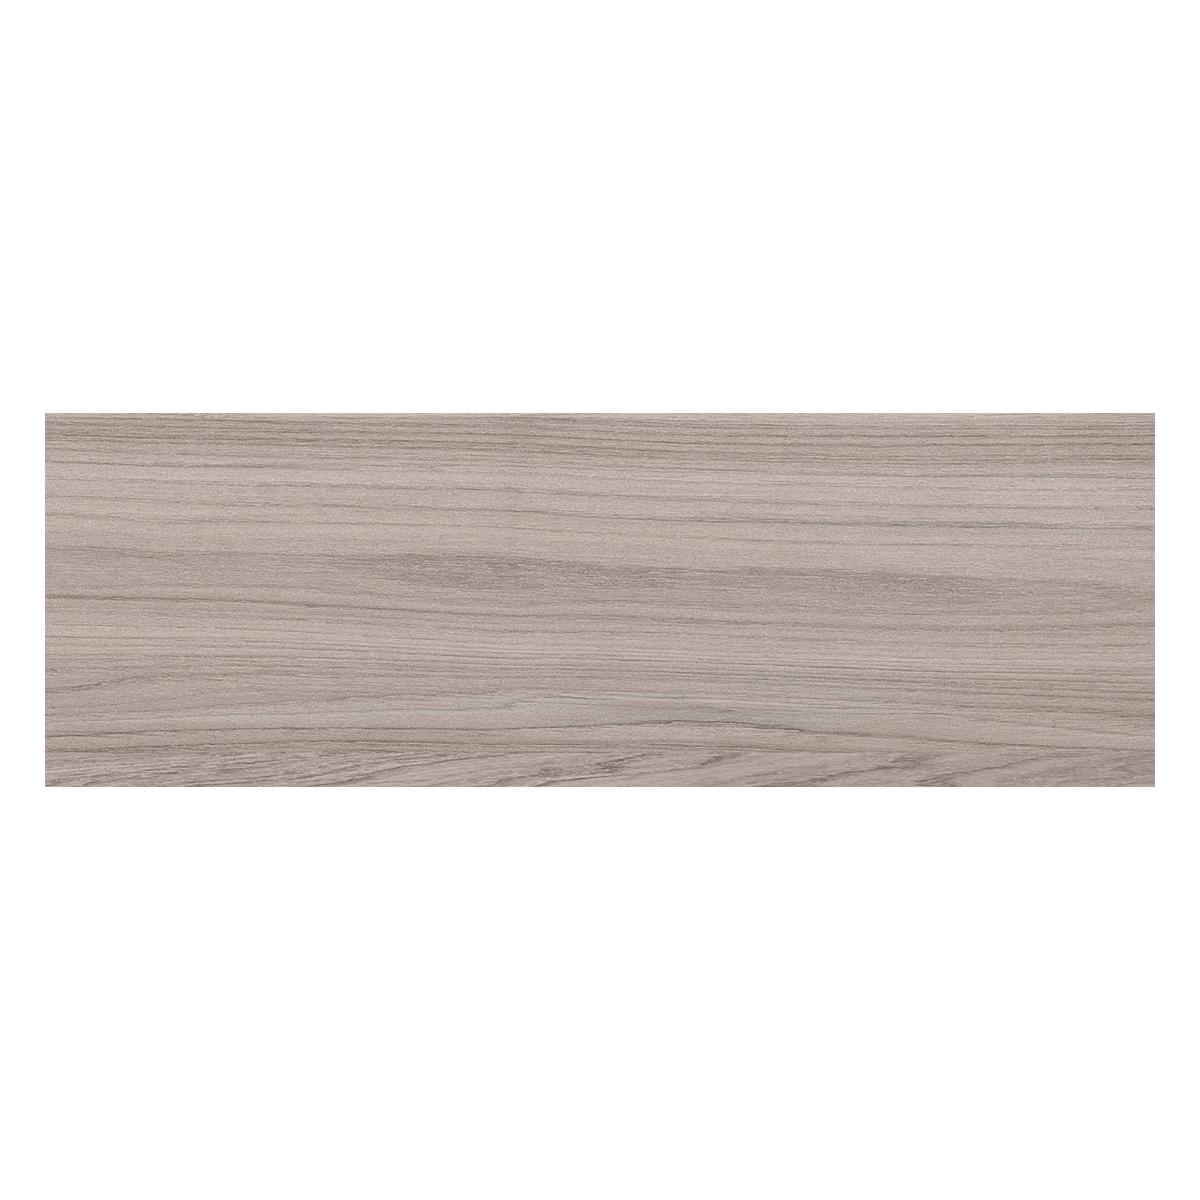 Piso Lucus Gris Mate - 19X60 cm - 1.53 m2